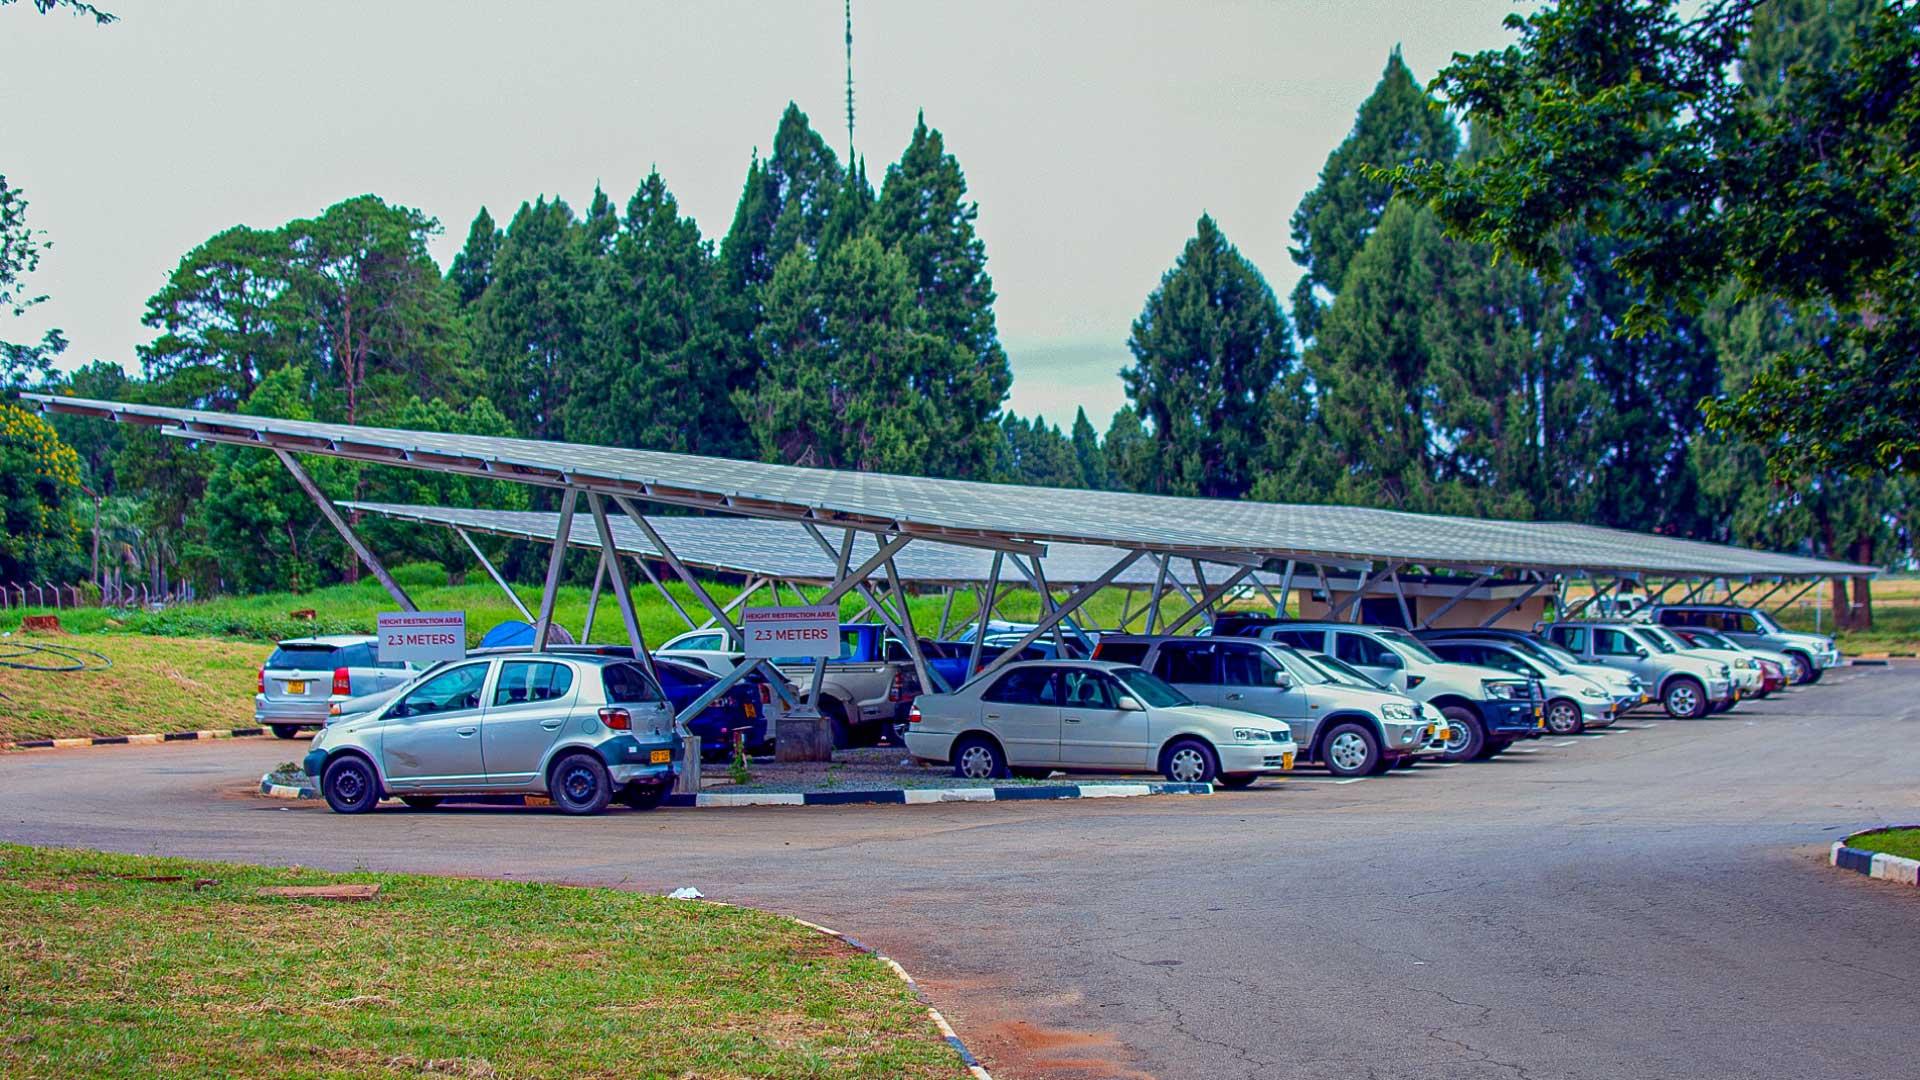 car-park-side-view